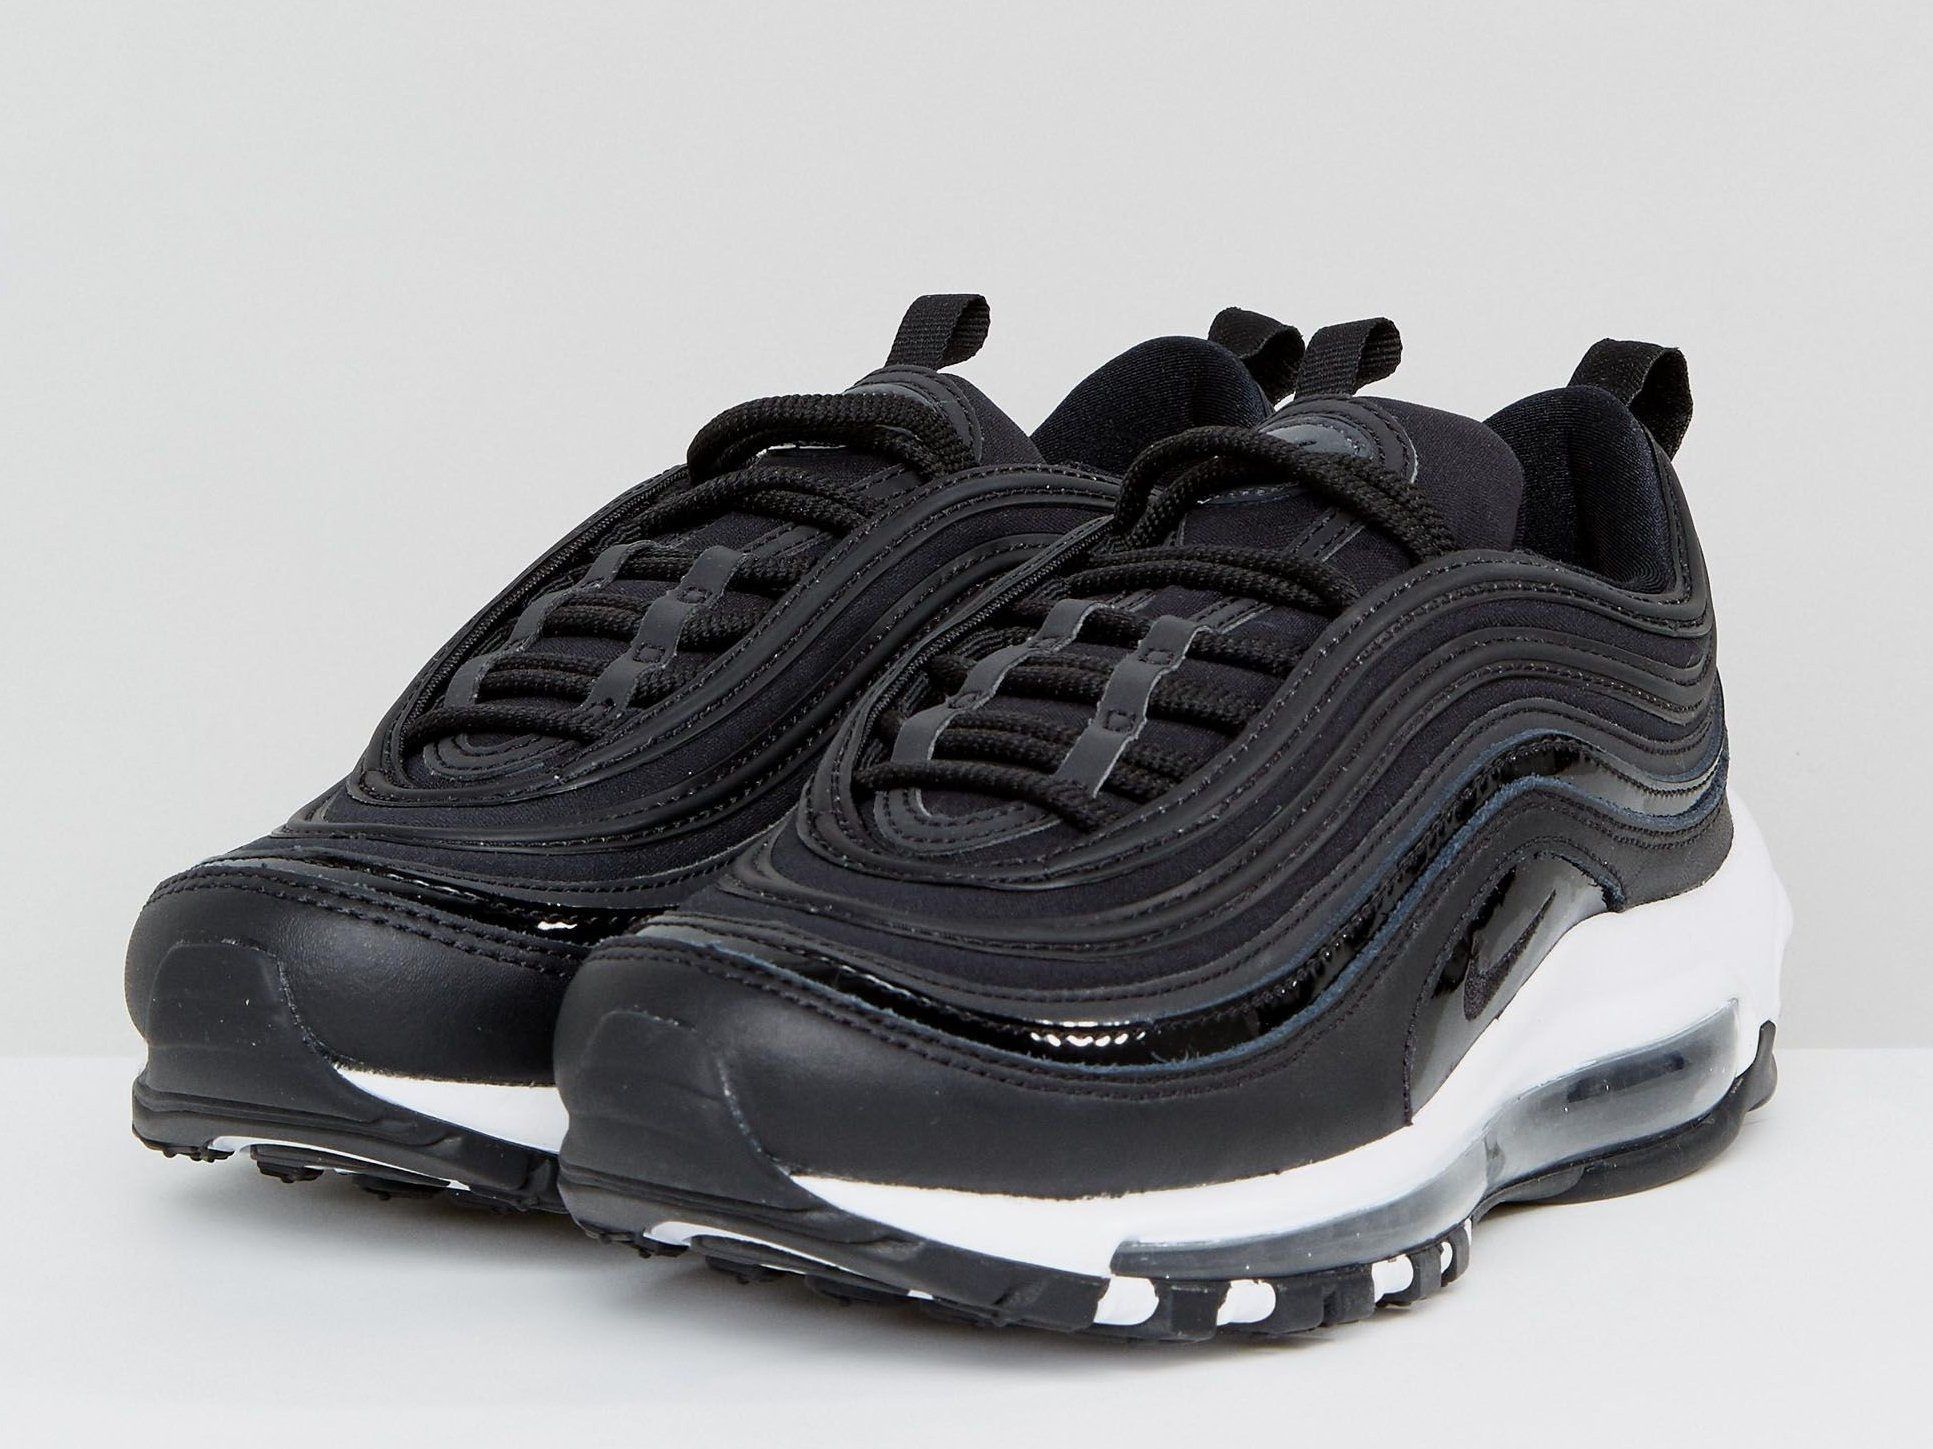 Nike Air Max 97 czarne sportowe buty damskie 38